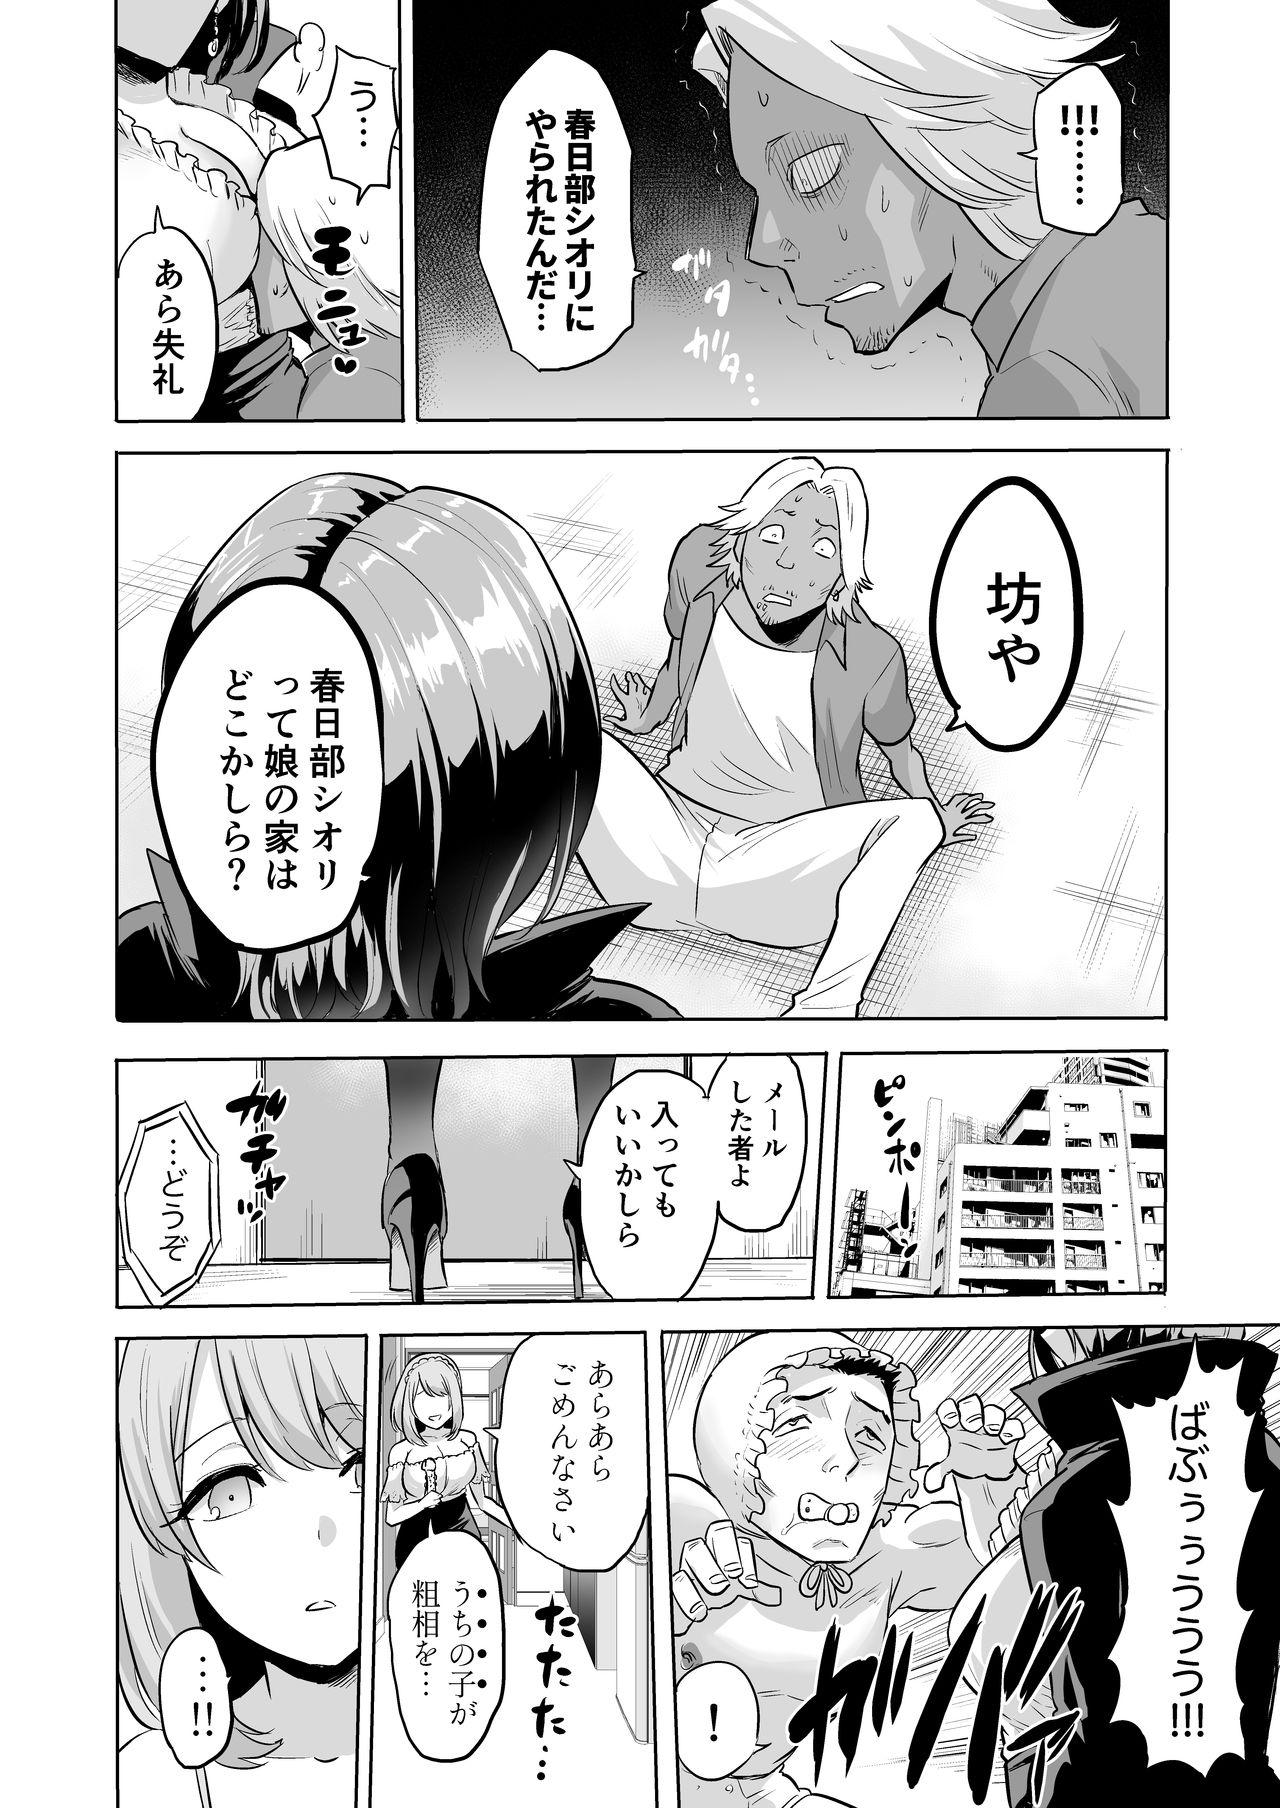 囁きの淫魔 ~清楚系ビッチな後輩女子大生による人格破壊催眠~ 33